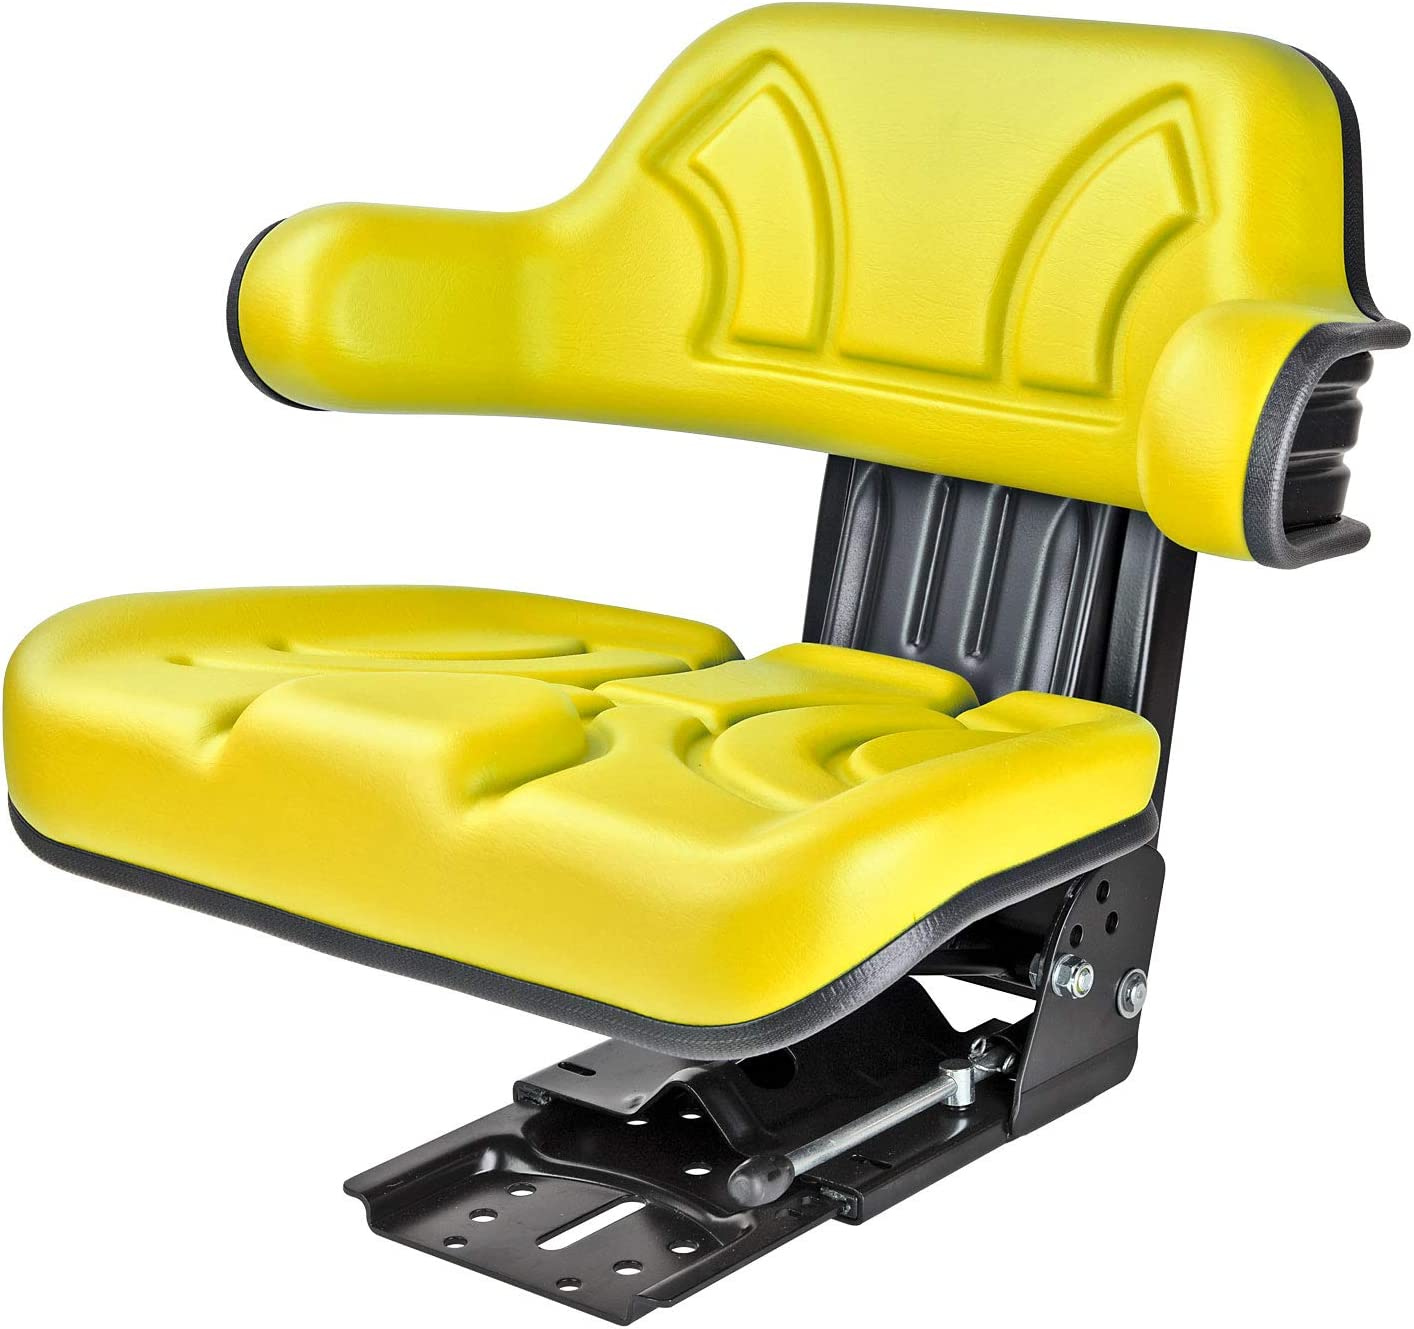 DEMA Traktorsitz schleppersitz Traktor Schlepper Sitz STAR10 gelb mit Armlehne